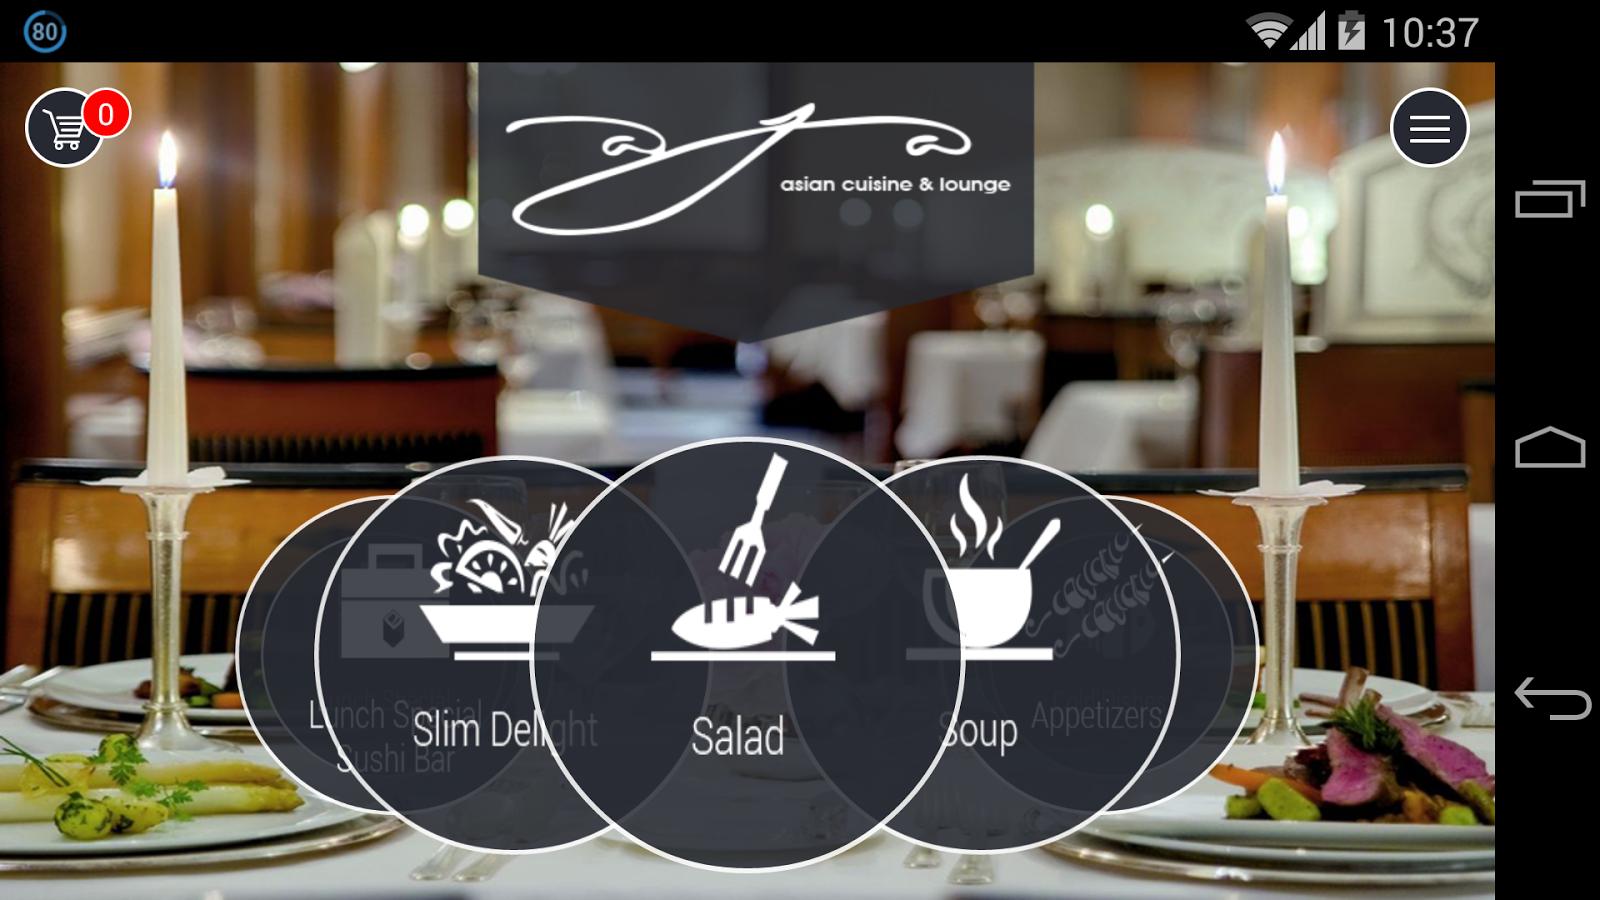 Aja asian cuisine android apps on google play for Aja asian cuisine